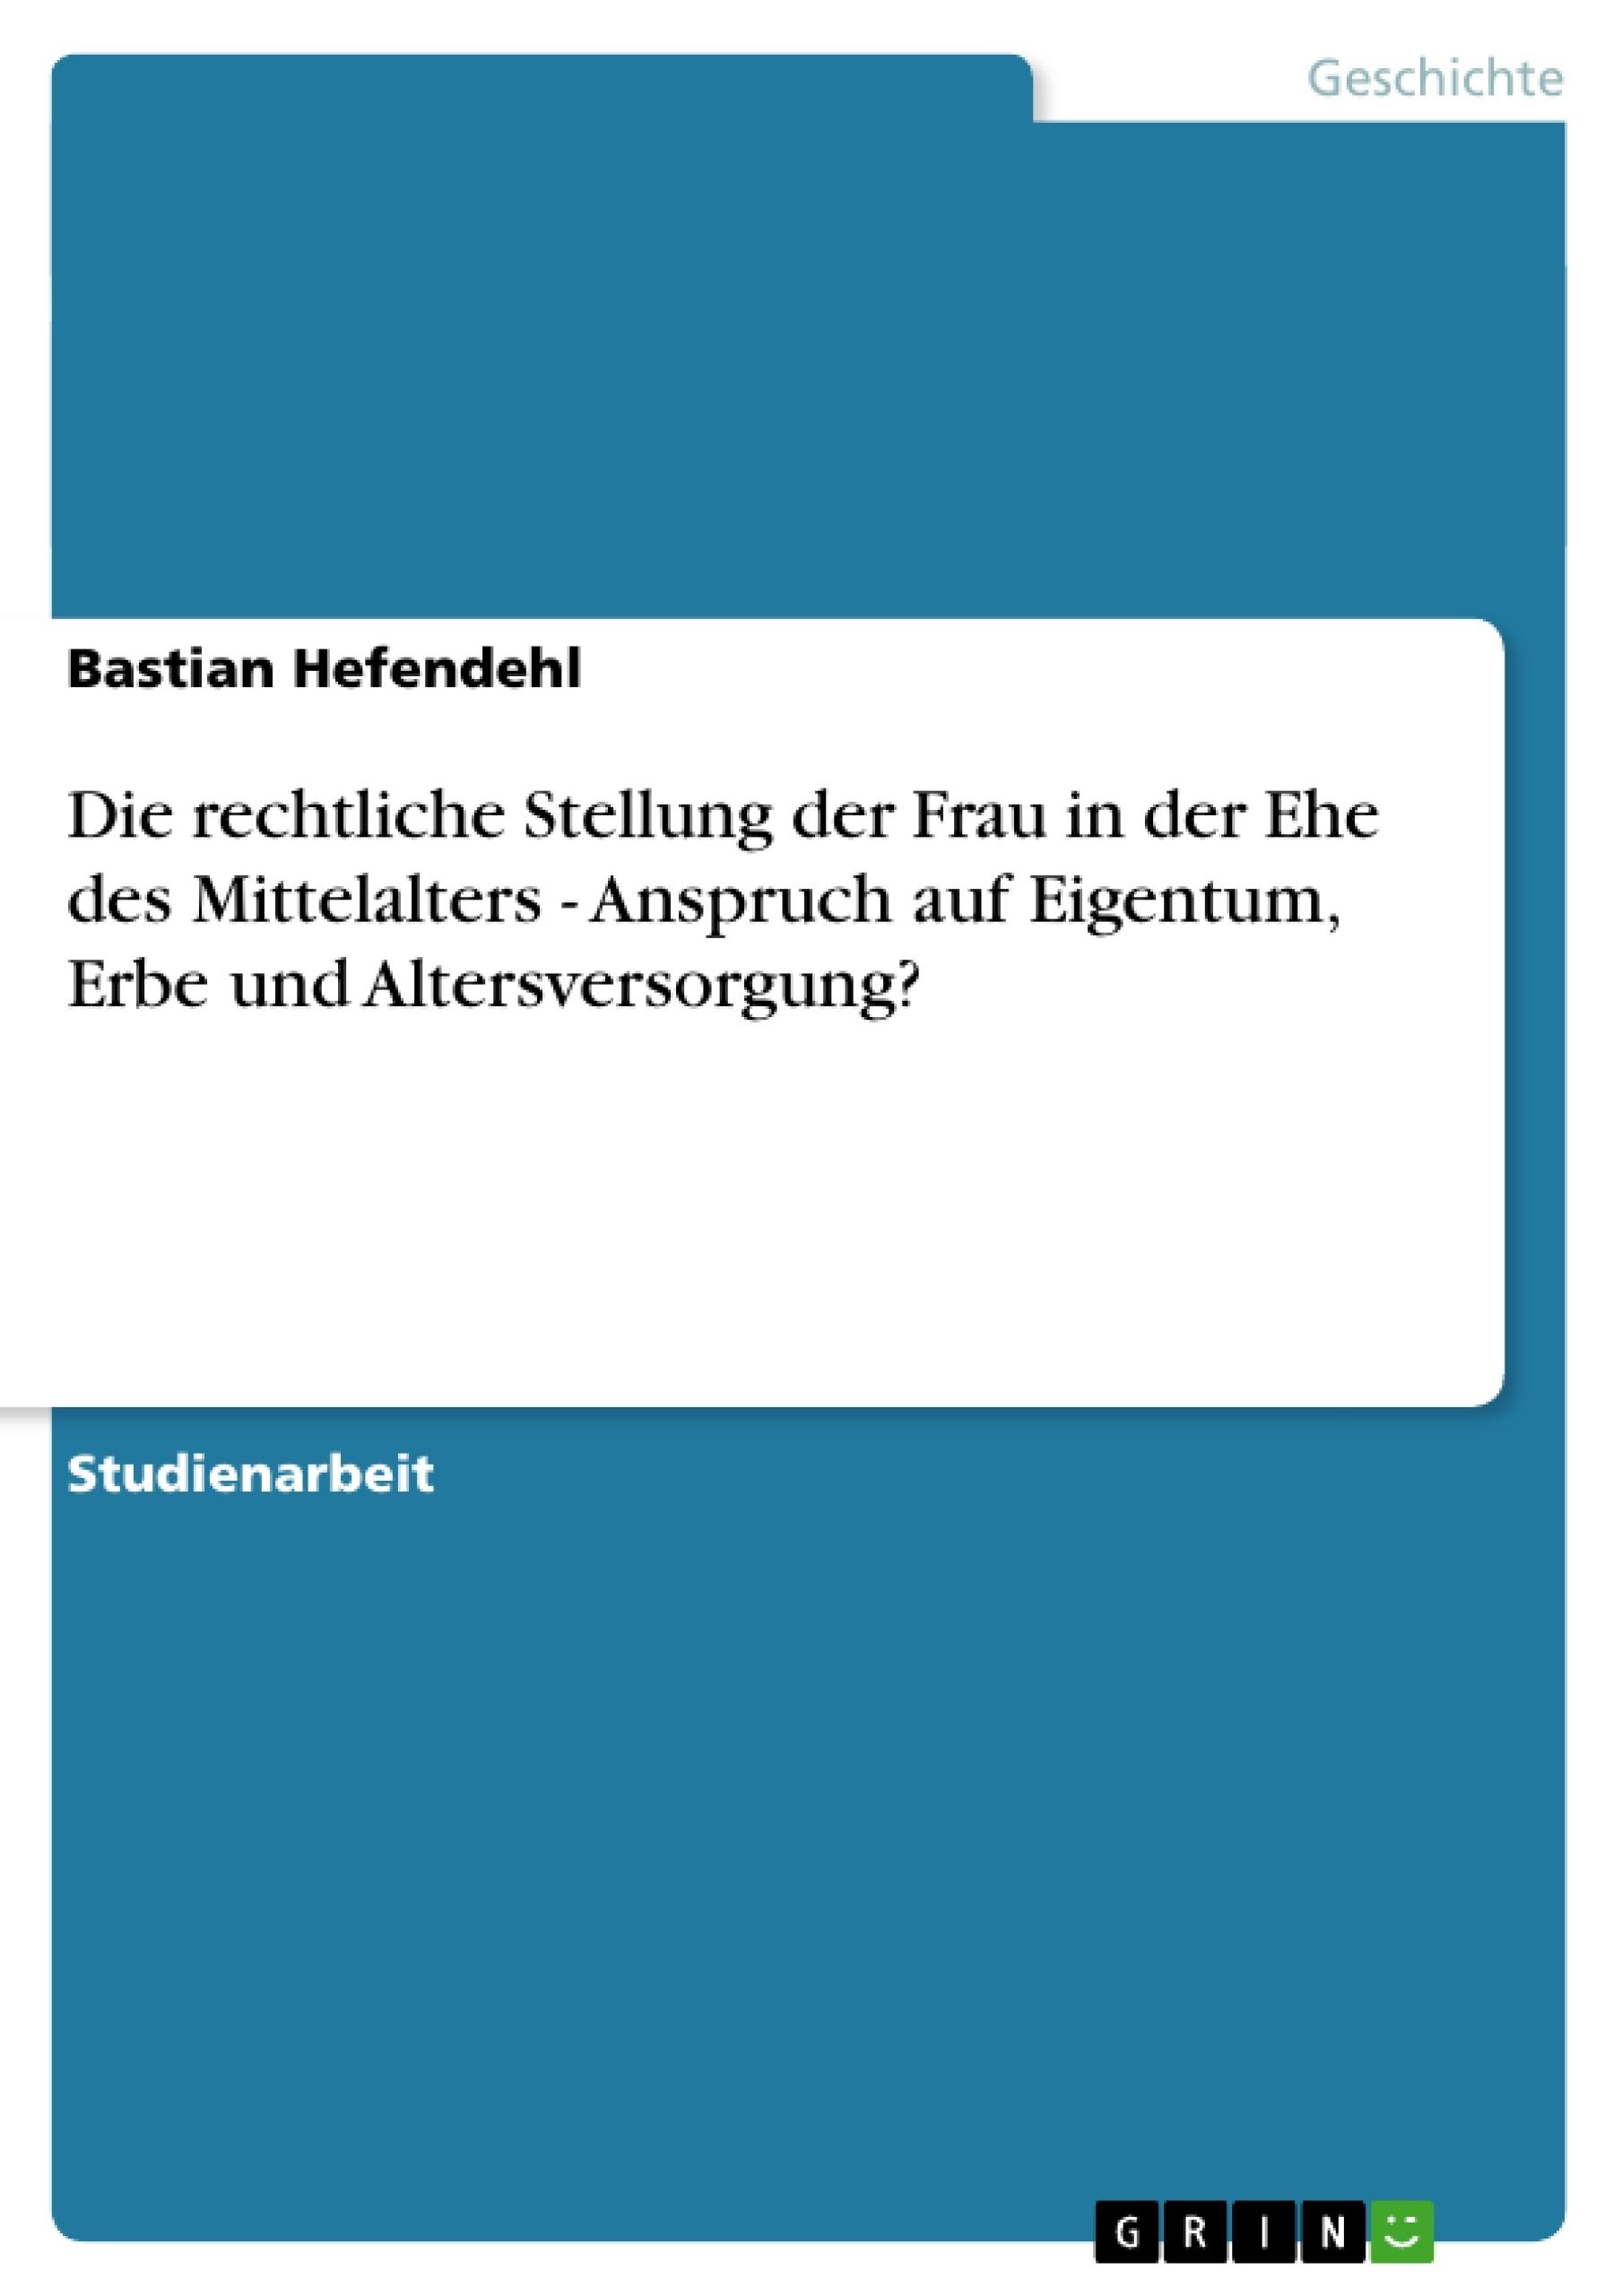 Titel: Die rechtliche Stellung der Frau in der Ehe des Mittelalters - Anspruch auf Eigentum, Erbe und Altersversorgung?